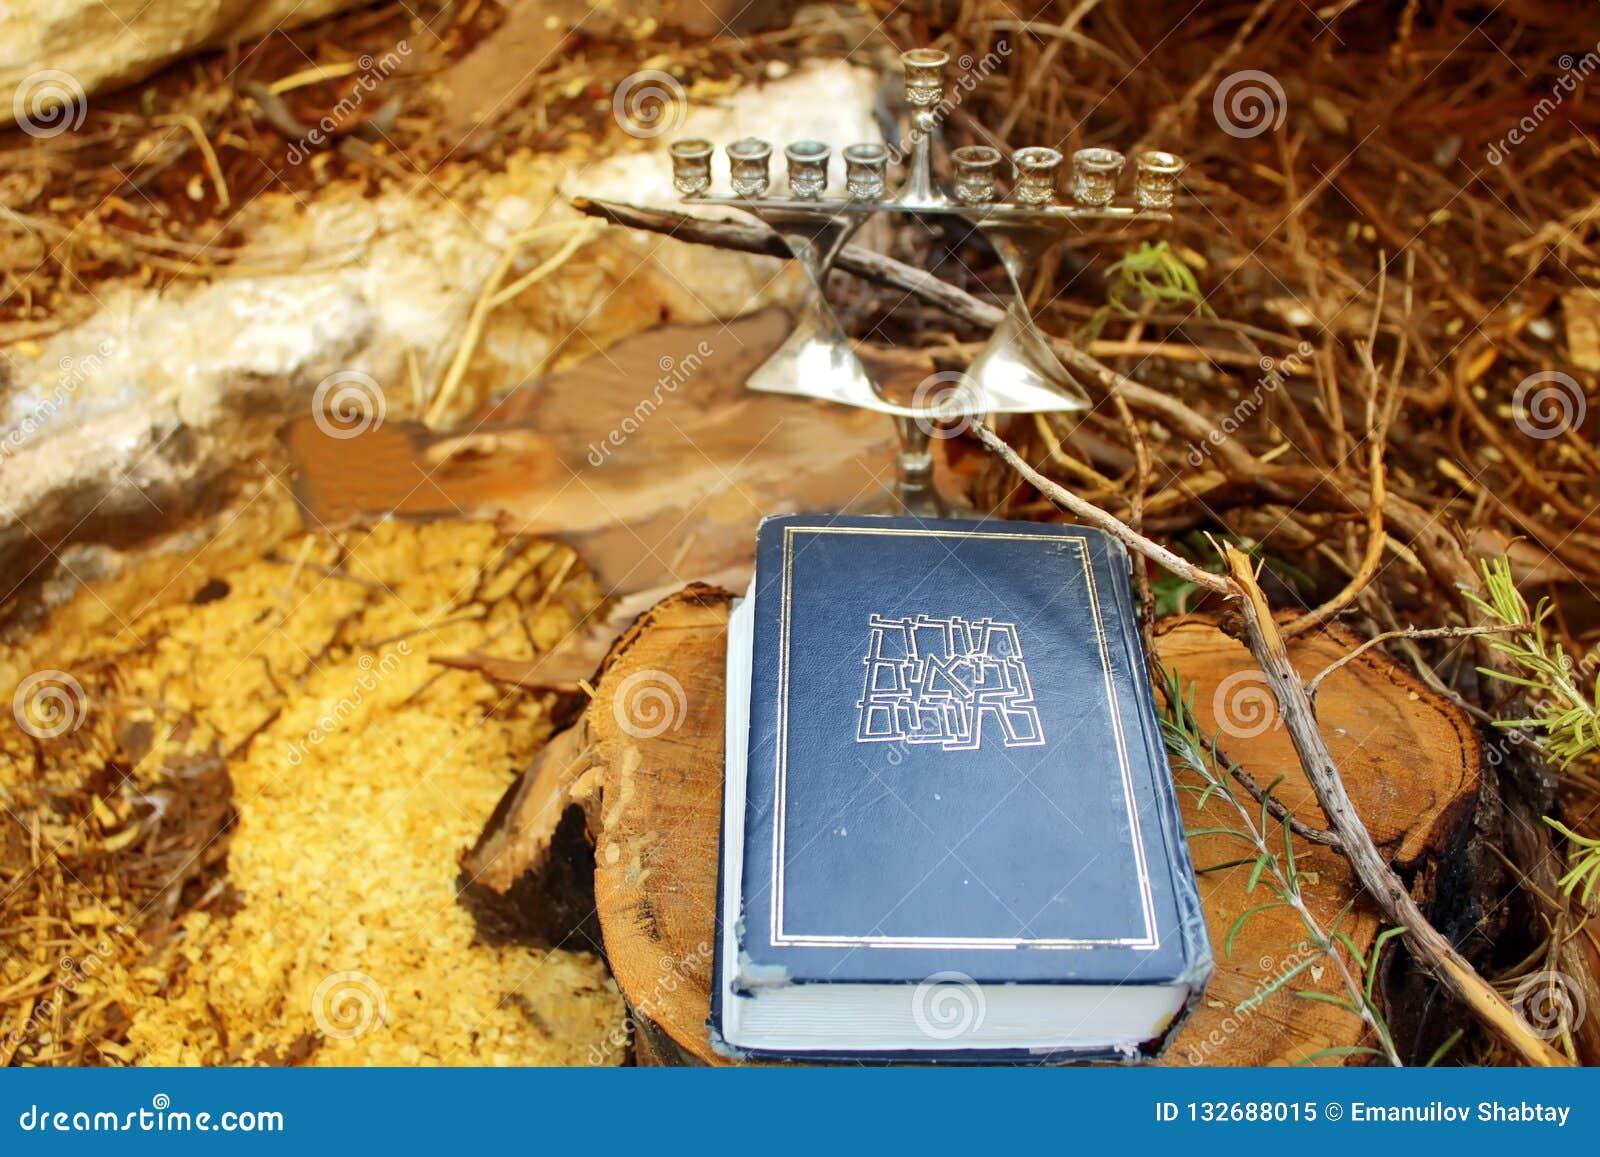 Bible hébraïque ou Tanakh - Torah, Neviim, Ketuvim - et chandelier juif Menorah Image des vacances juives Hanoucca